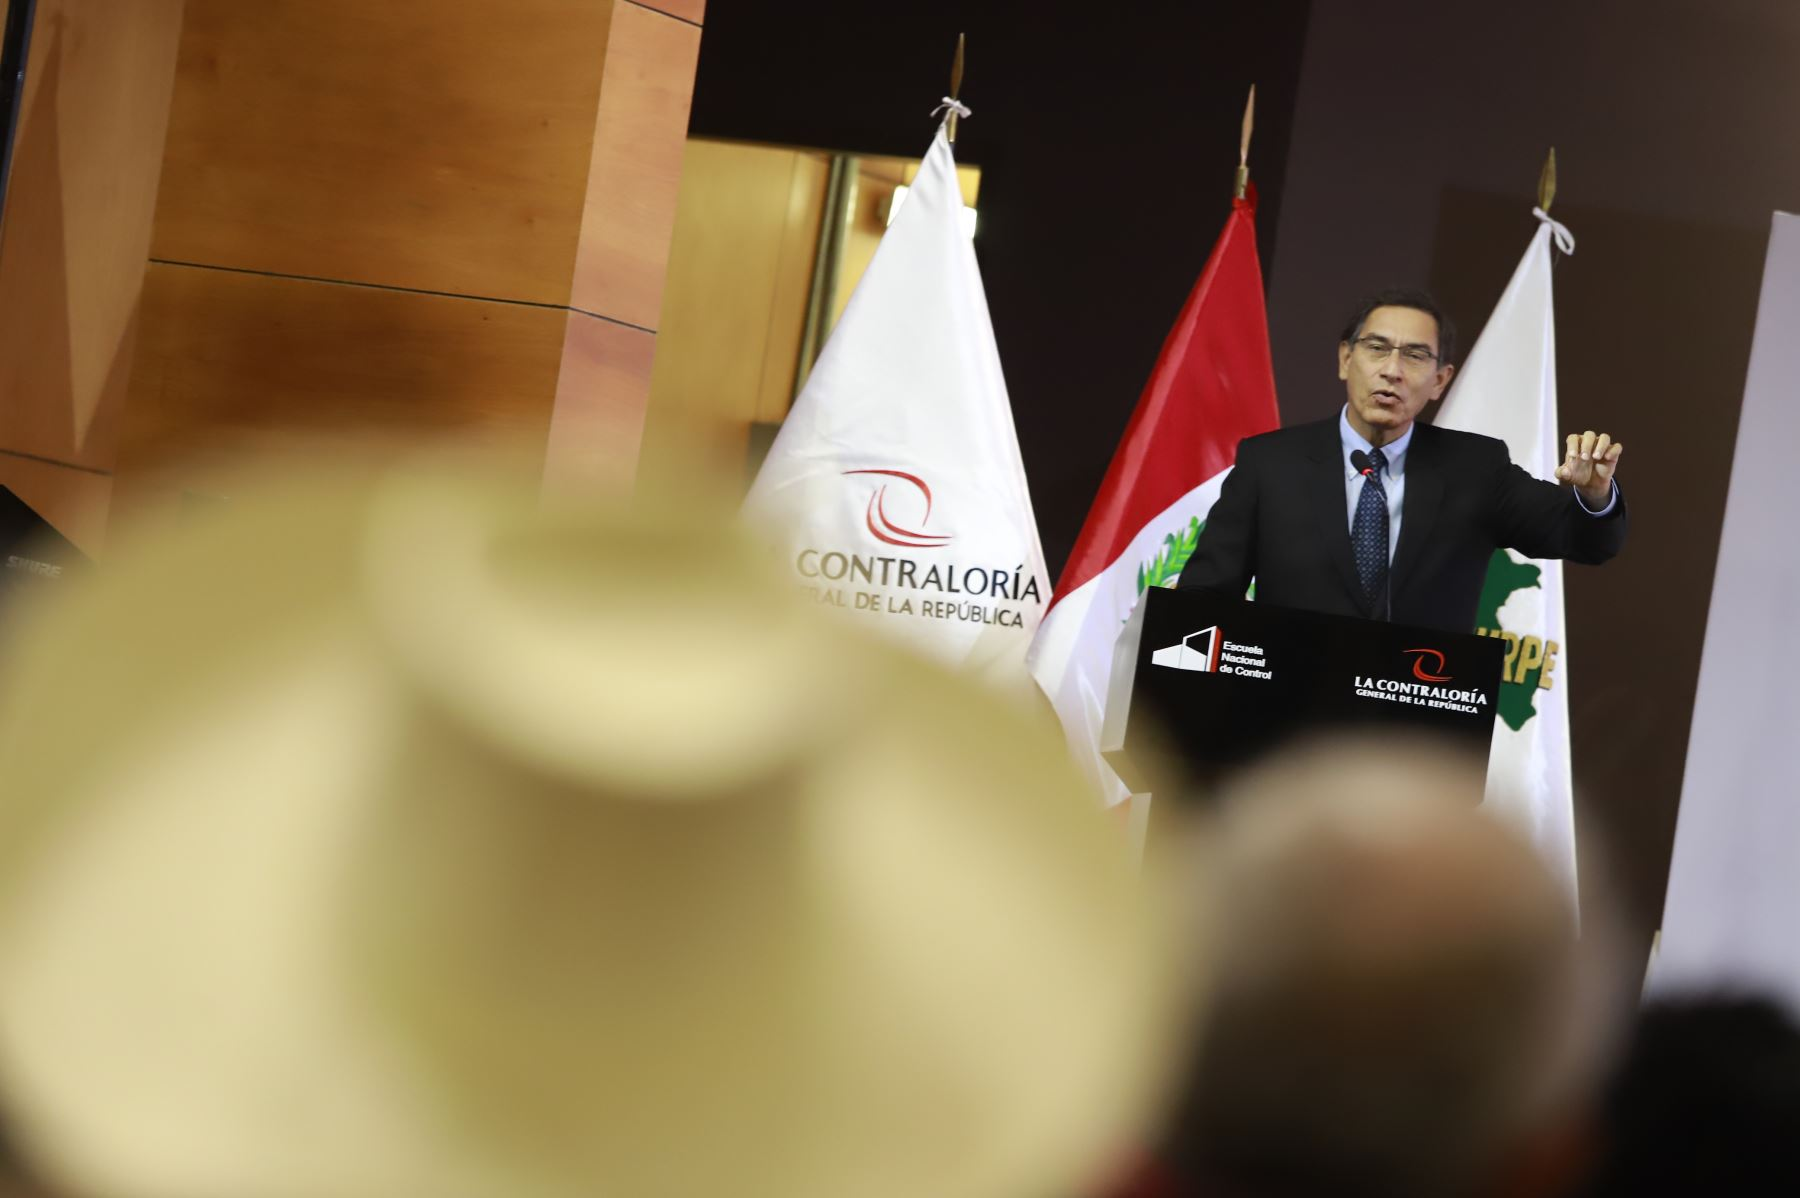 Presidente Vizcarra participa en la XII Conferencia Anual de Municipalidades organizada por la REMURPE, con el objetivo  de  fortalecer los espacios de articulación con la sociedad civil a fin de brindar un mejor servicio a todos los peruanos. Foto: ANDINA/Prensa Presidencia